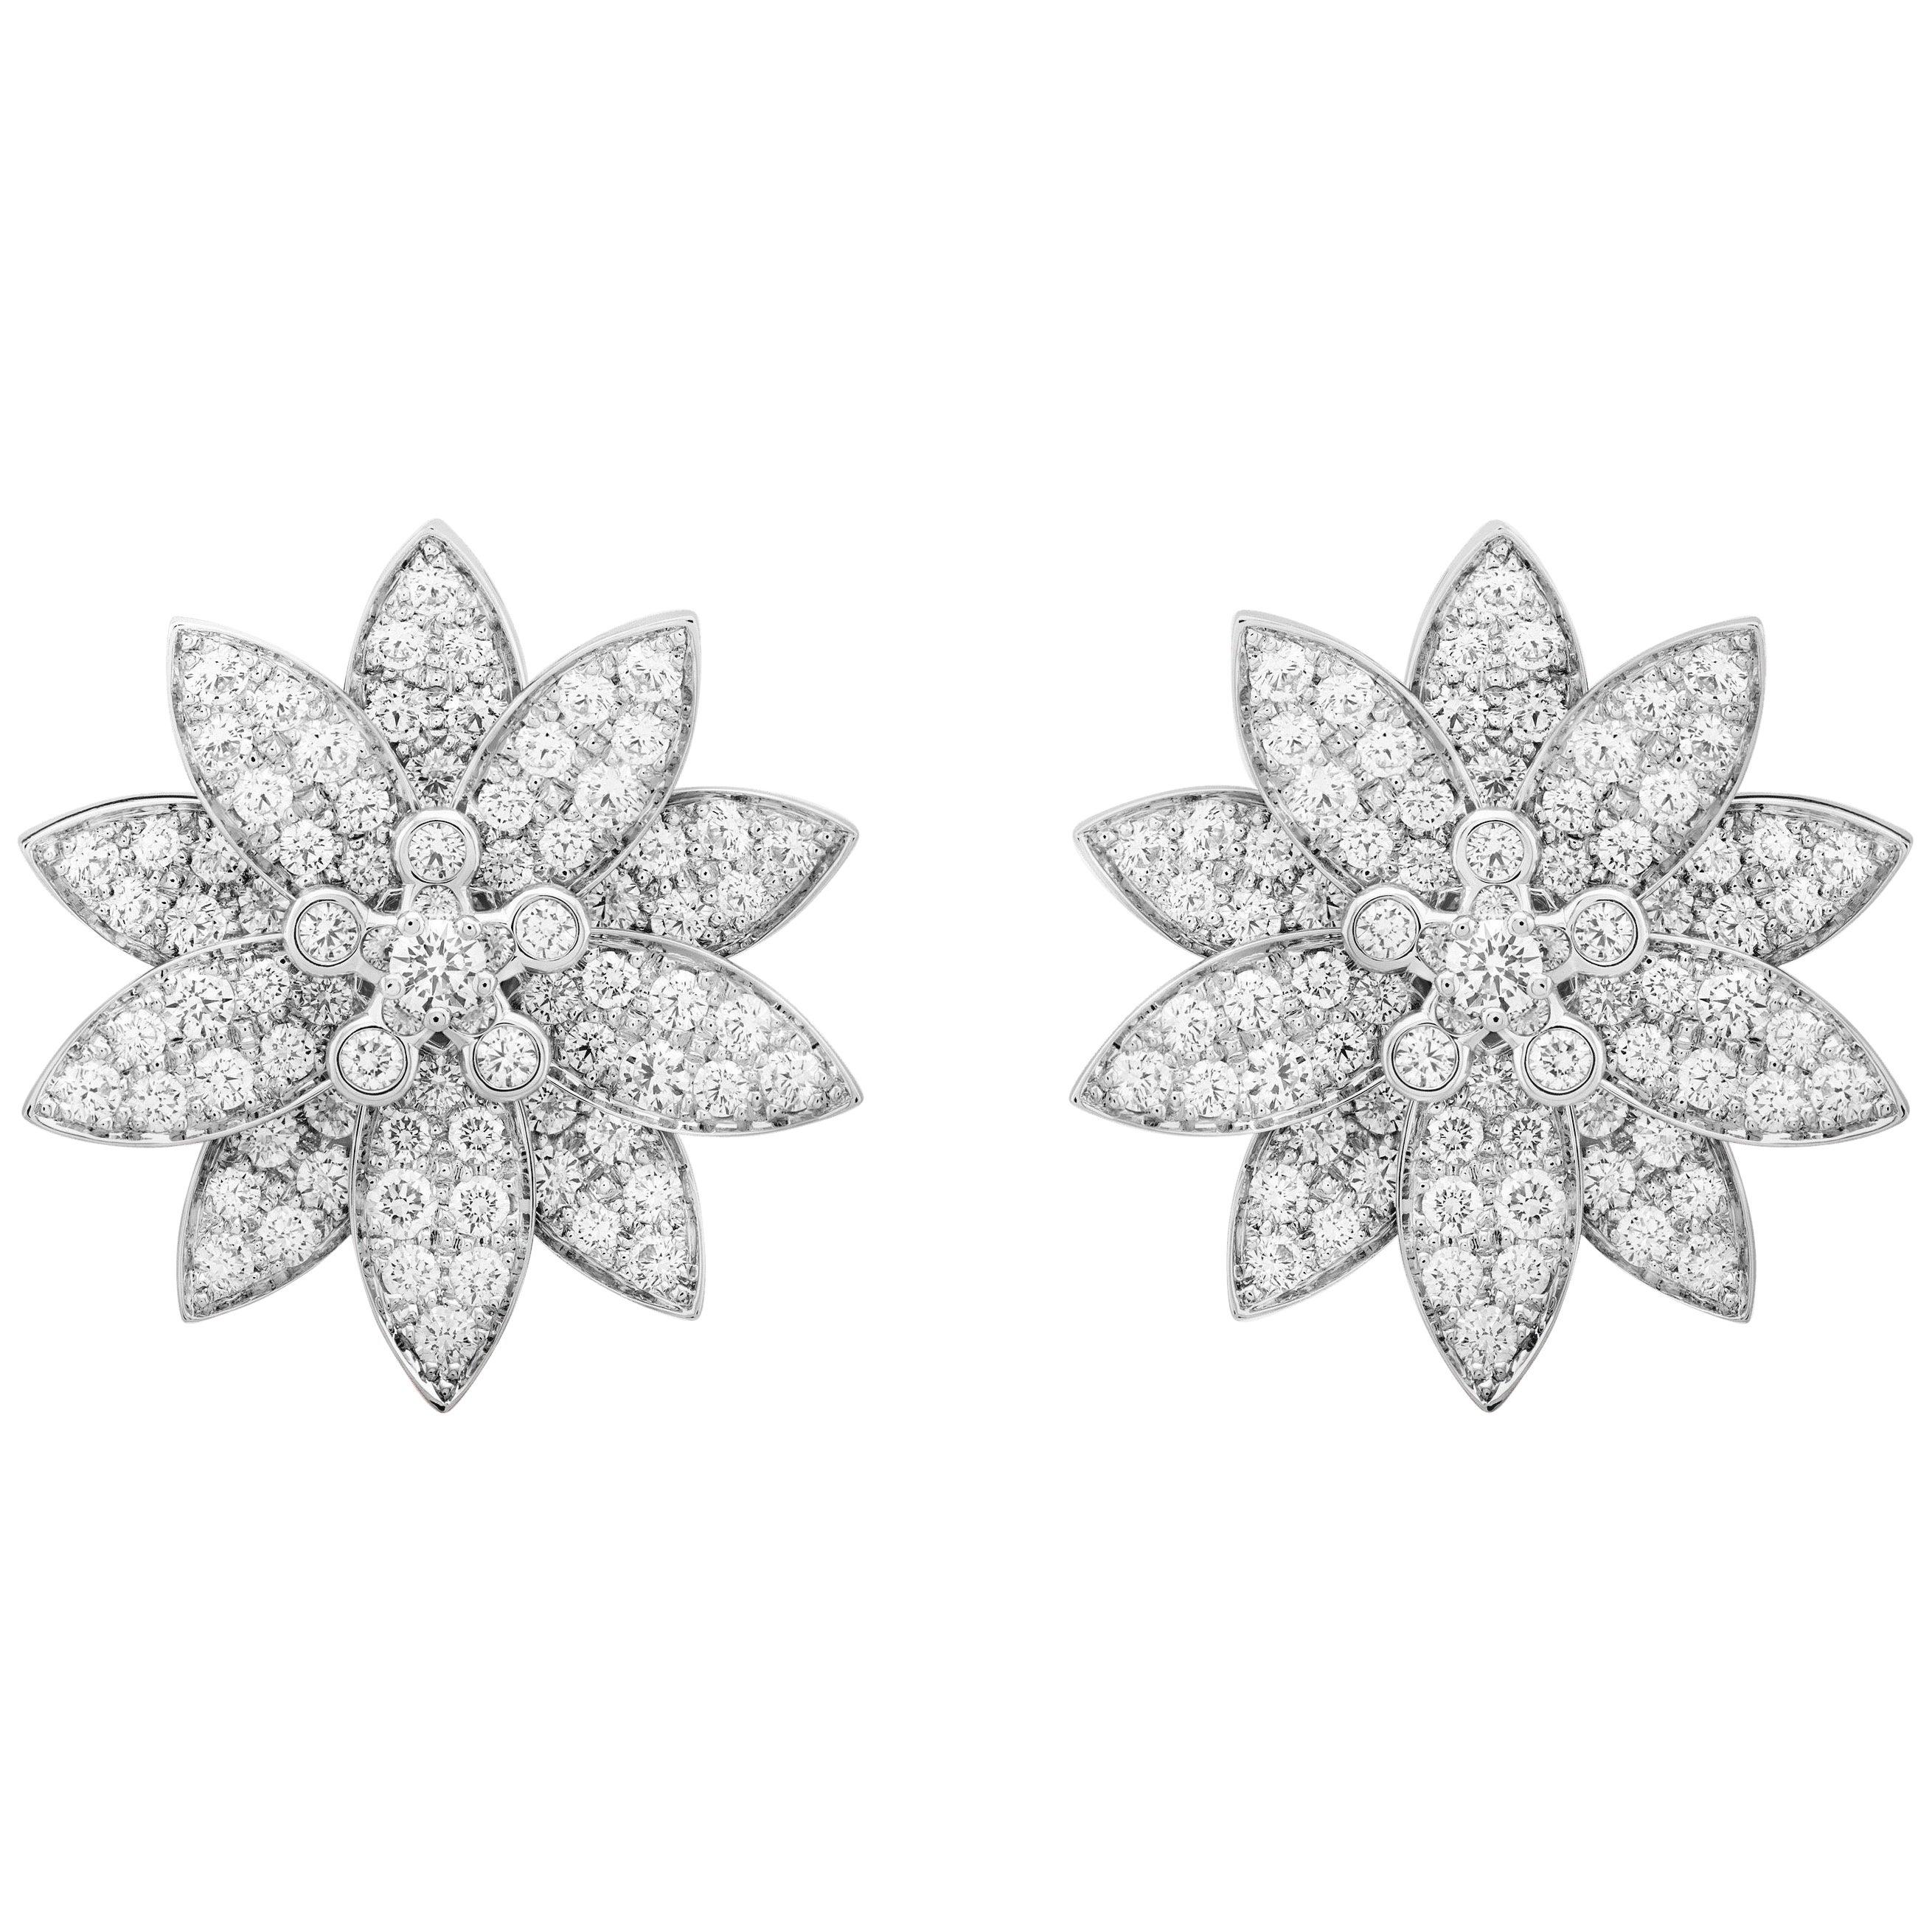 Van Cleef & Arpels Lotus Diamond Earrings